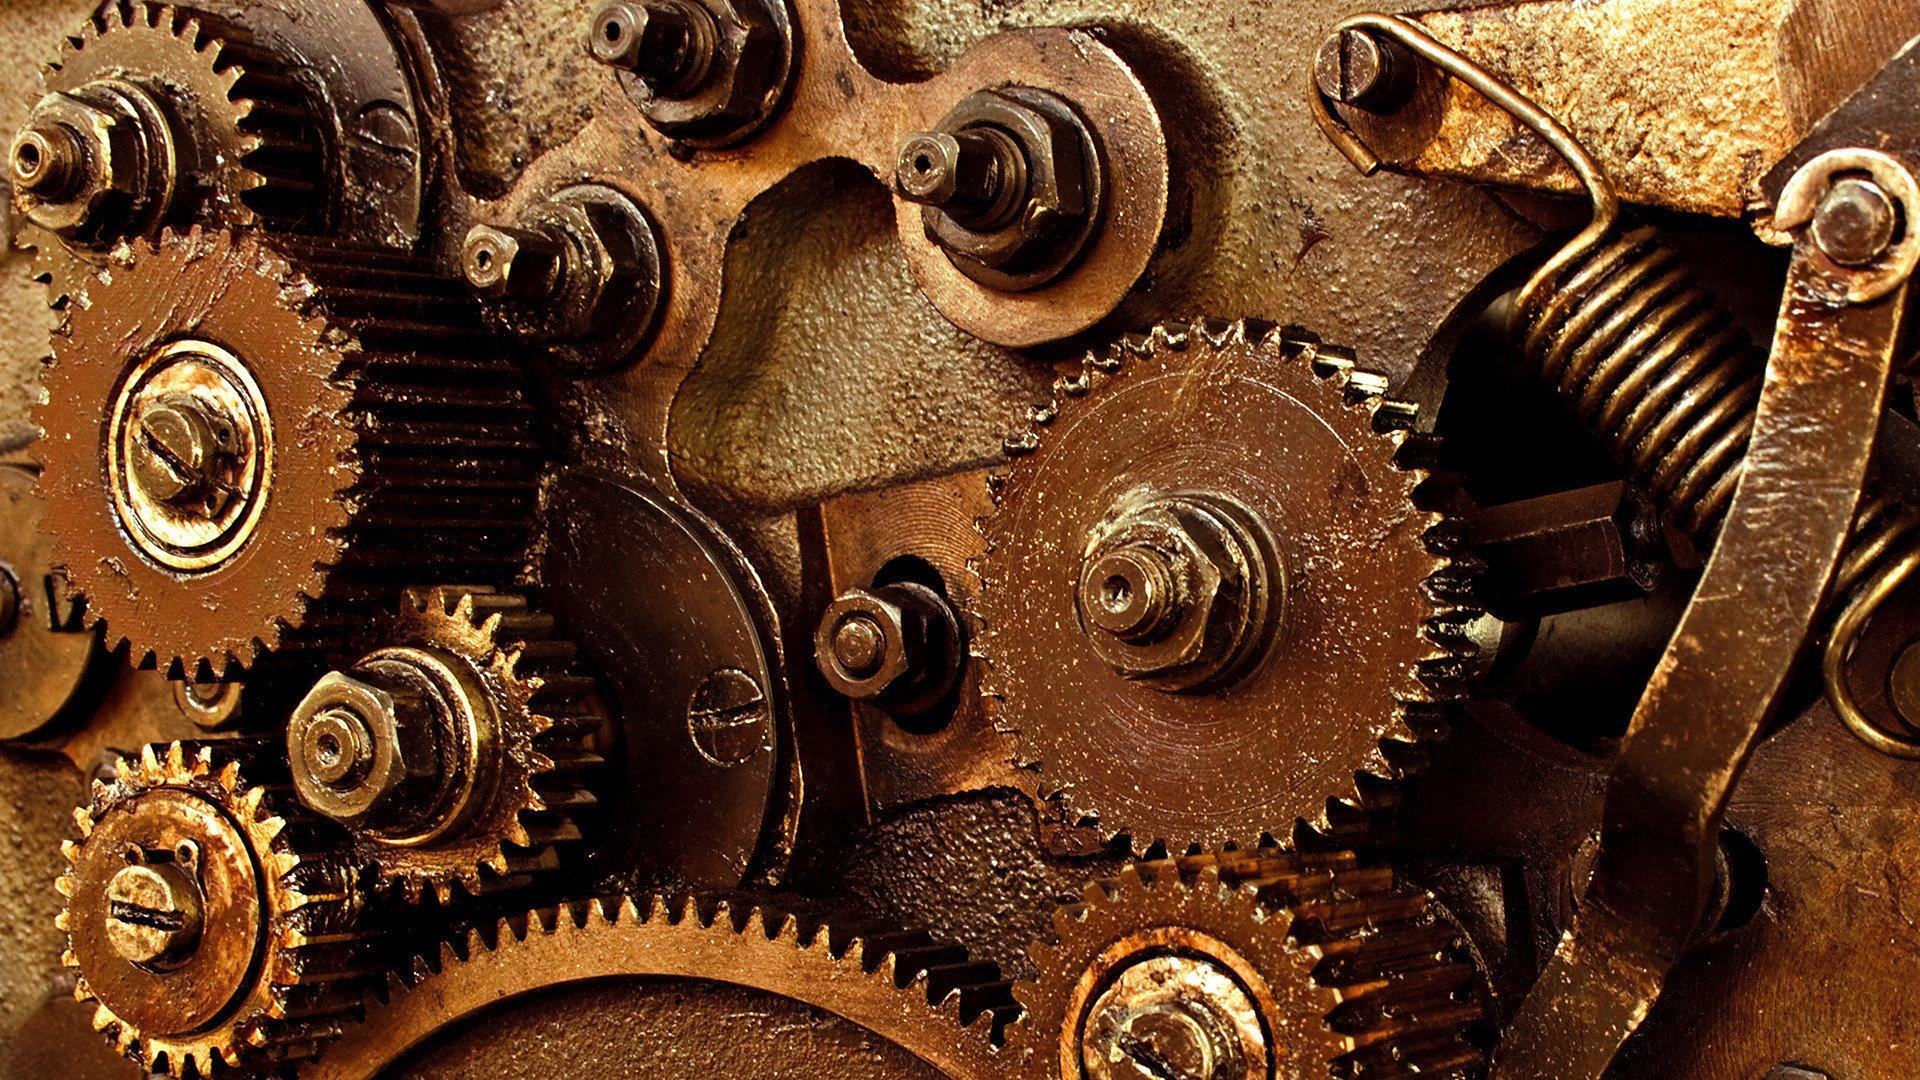 steampunk mechanism machine Engineering gear wallpaper background 1920x1080